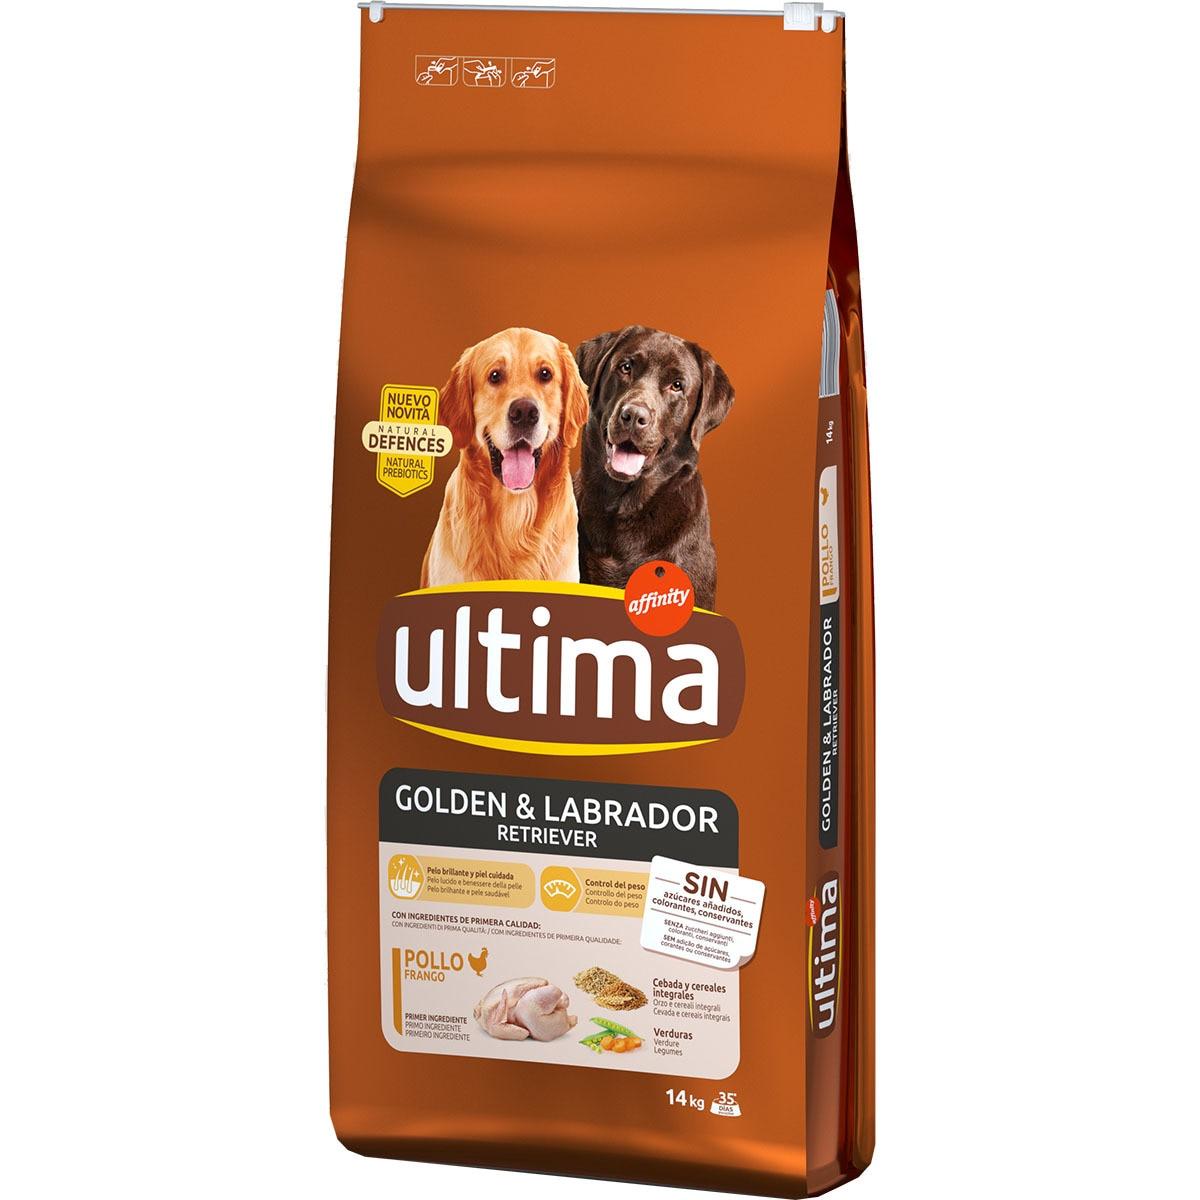 Pack 2 sacos ULTIMA: Pienso especial para perros adultos con pollo y arroz 14 kg de raza Golden y Labrador Retriever